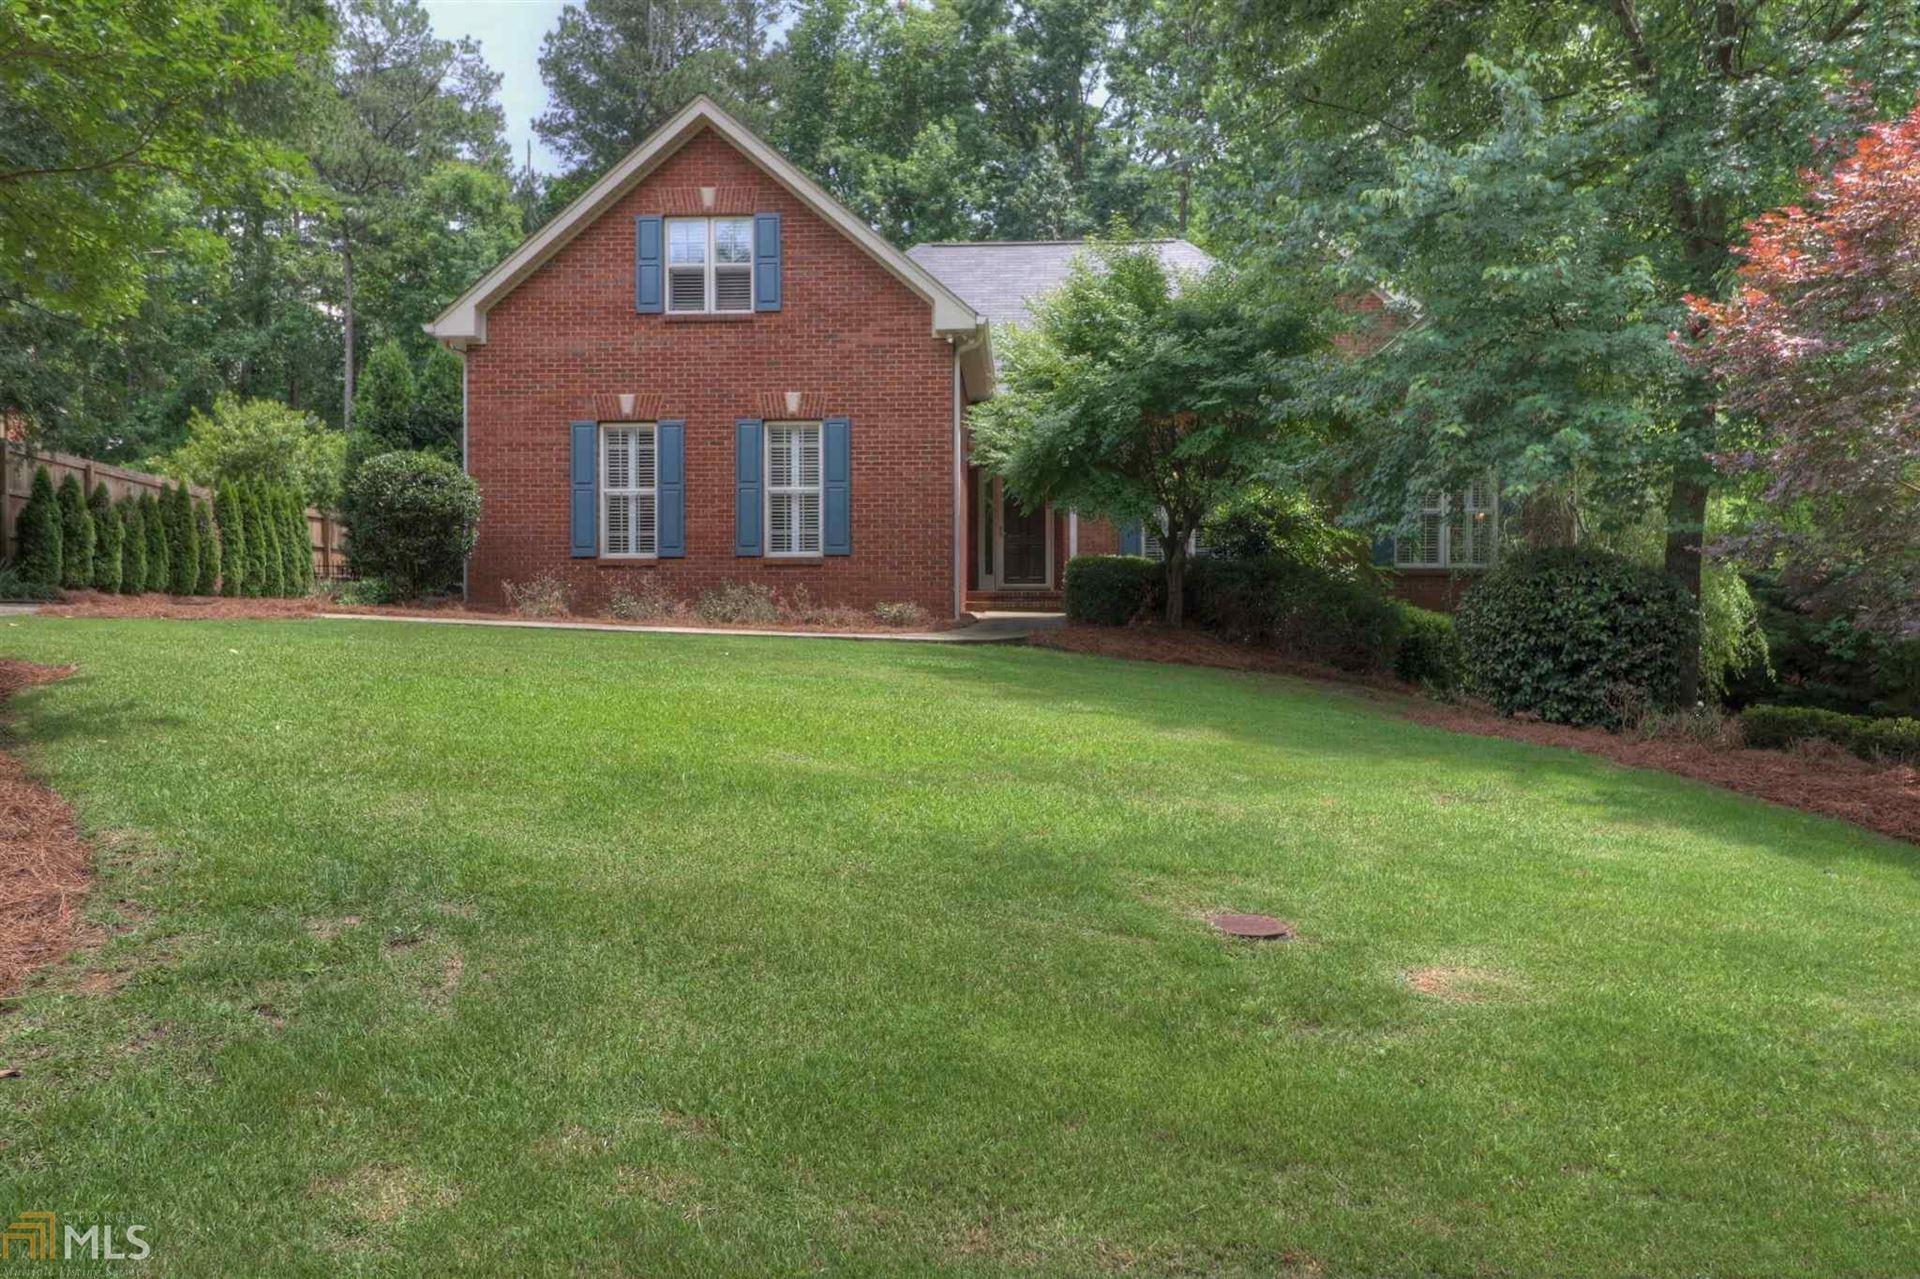 711 Kingsridge Dr, Monroe, GA 30655 - #: 8798907